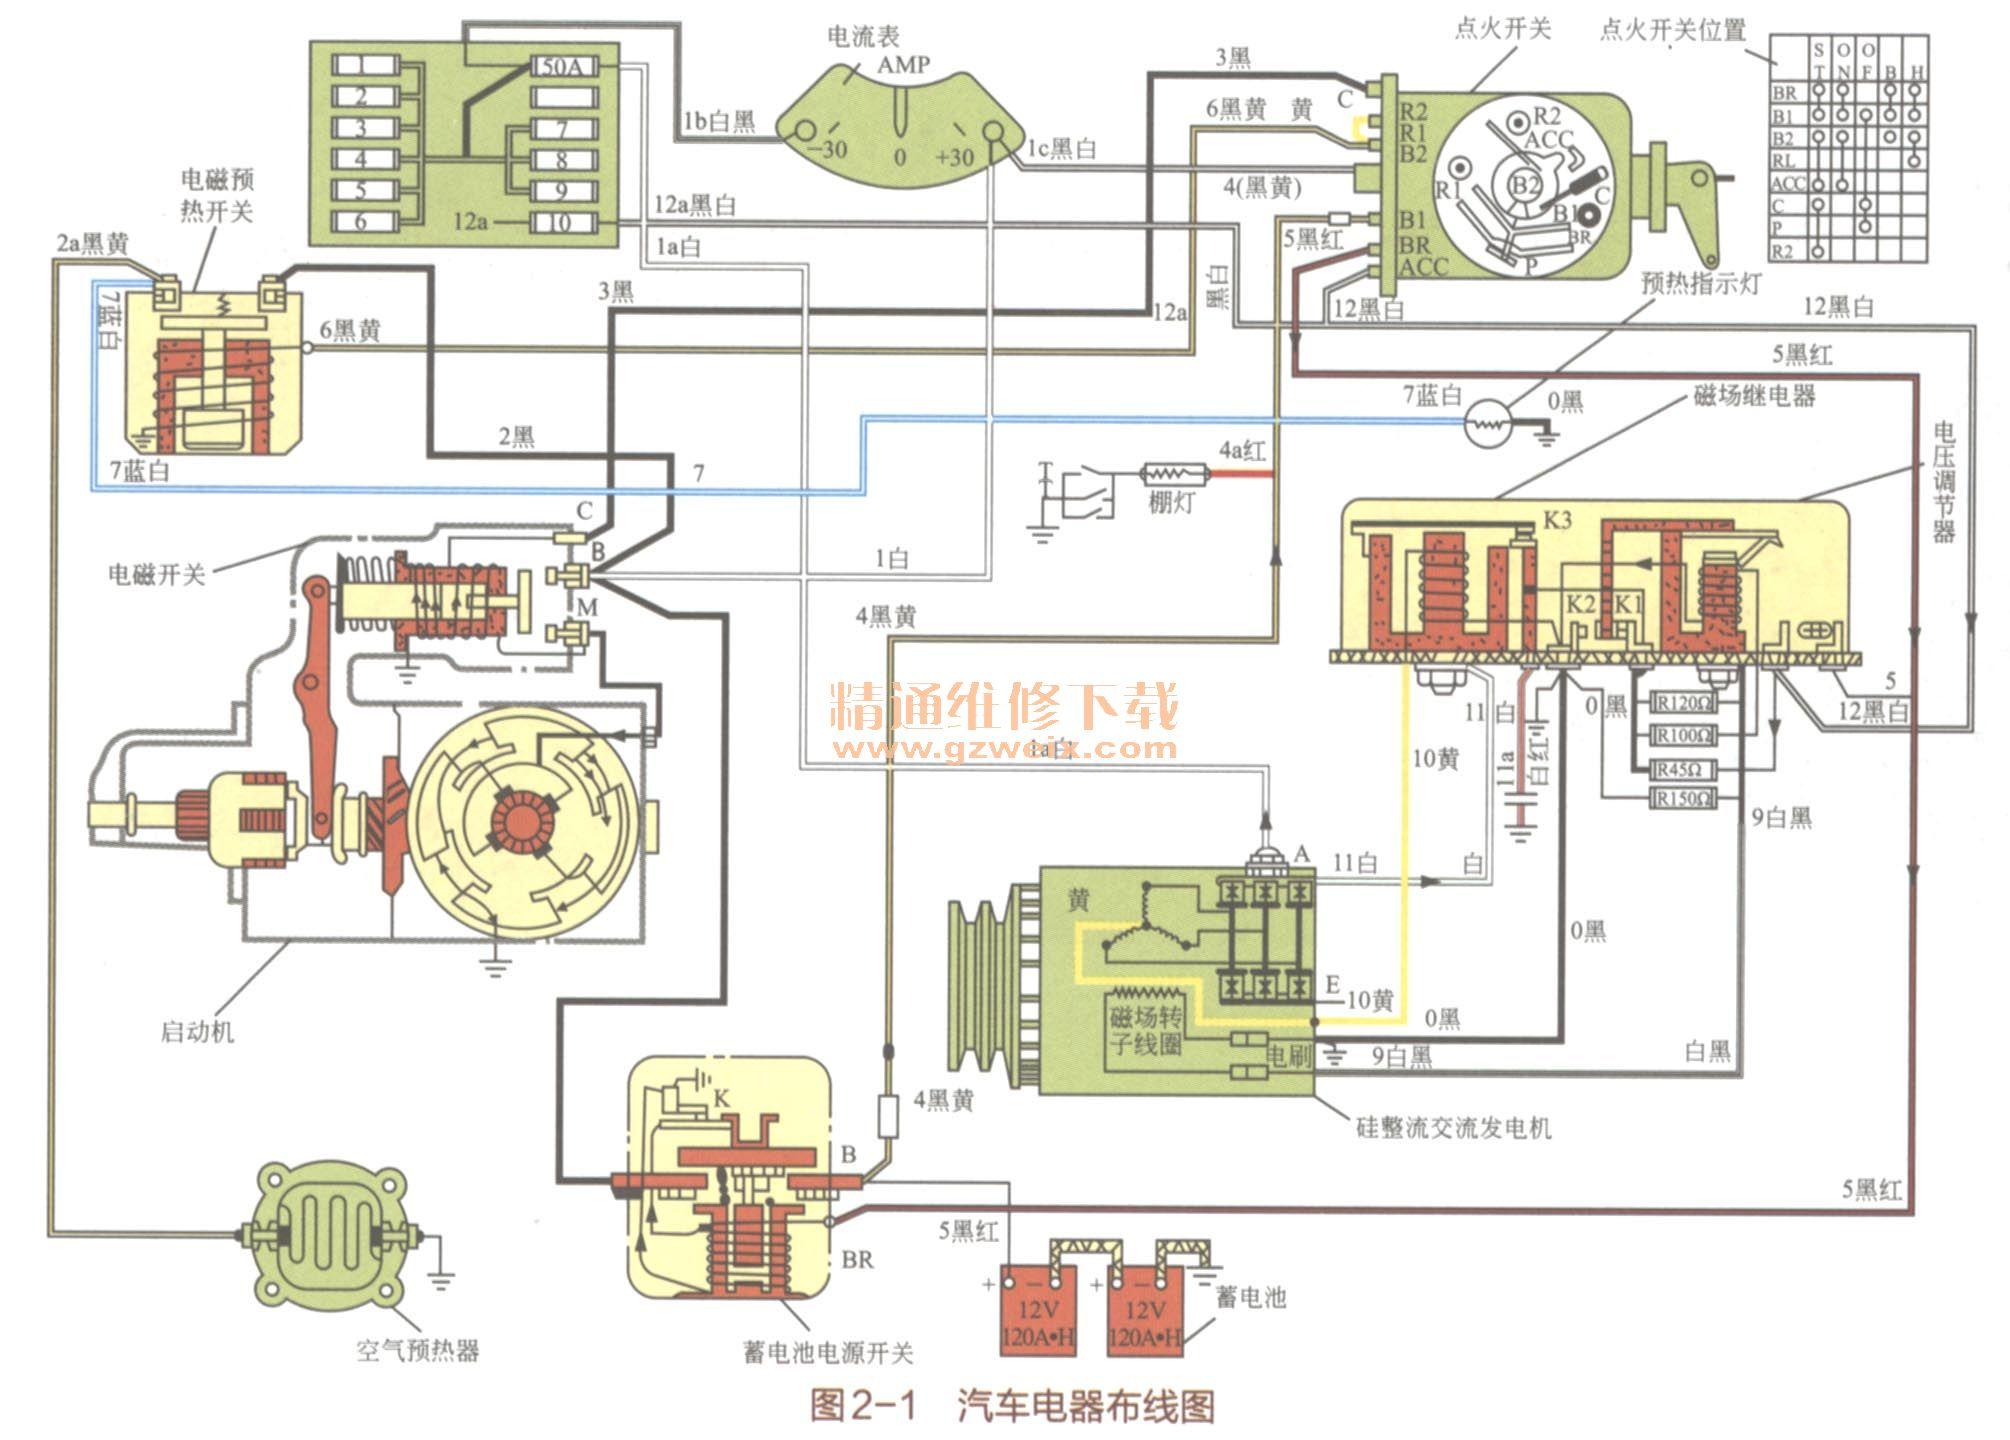 怎样才能看懂电路�_新手篇—轻松看懂汽车电路图(上)